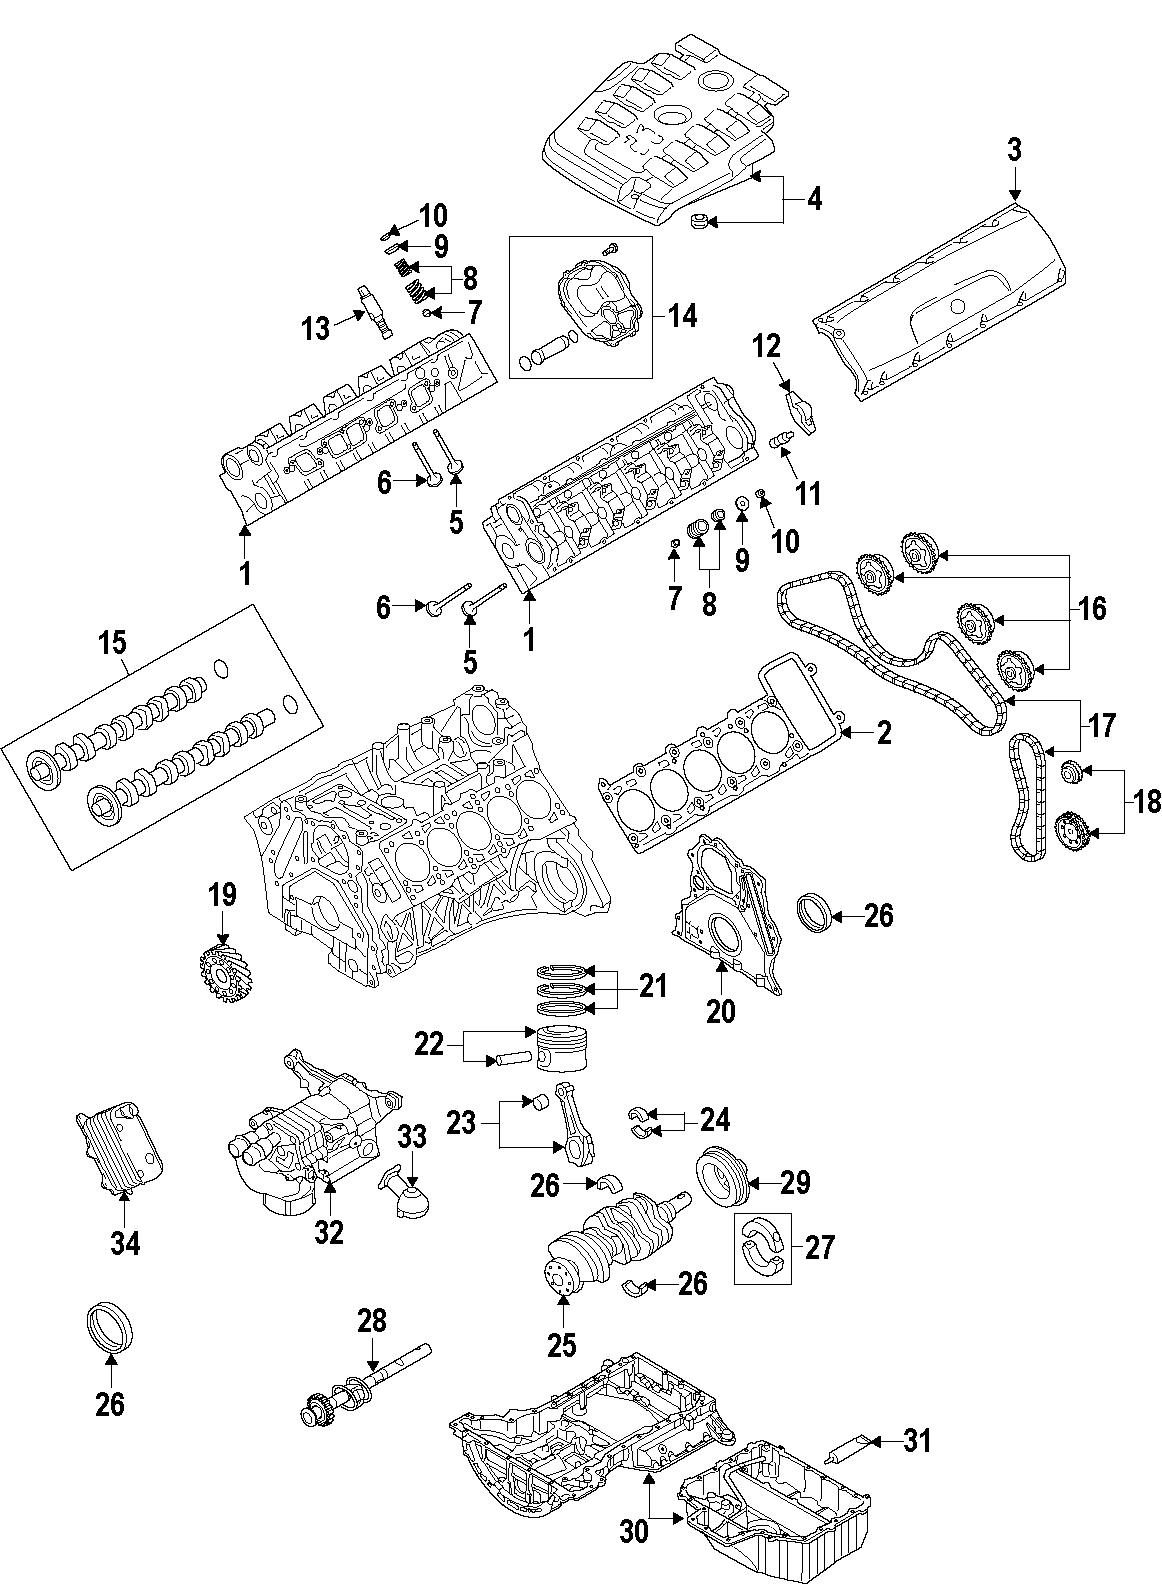 Audi S6 Engine Valve Cover Gasket 5 2 Liter 5 2